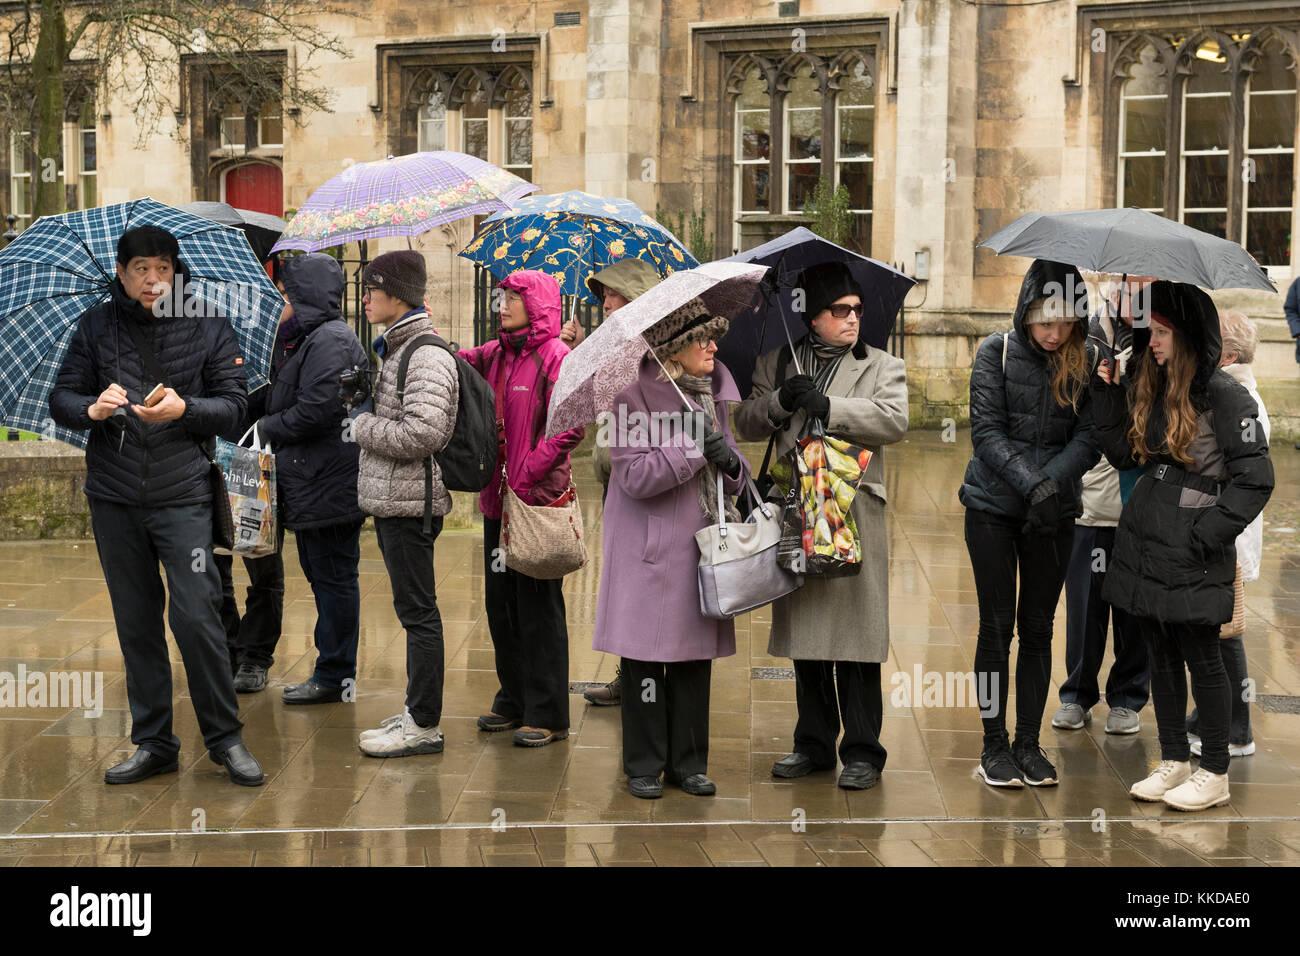 Männer & Frauen im Regen stehend, schützende unter Sonnenschirmen, warten geduldig auf Parade zu starten Stockbild